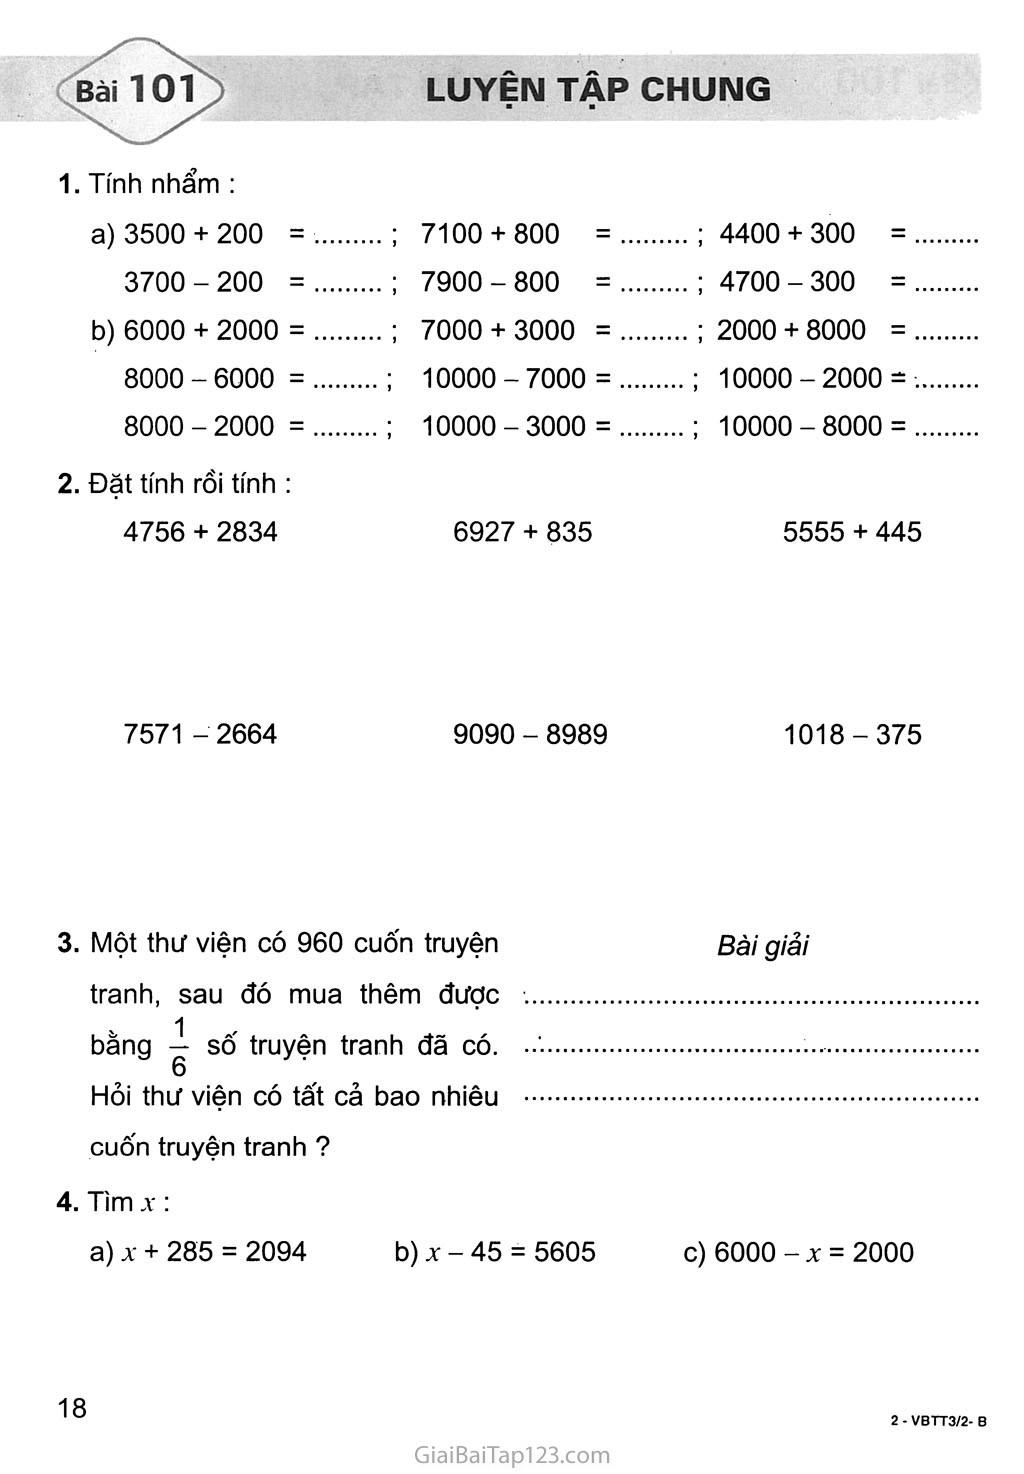 Bài 101: Luyện tập chung trang 1